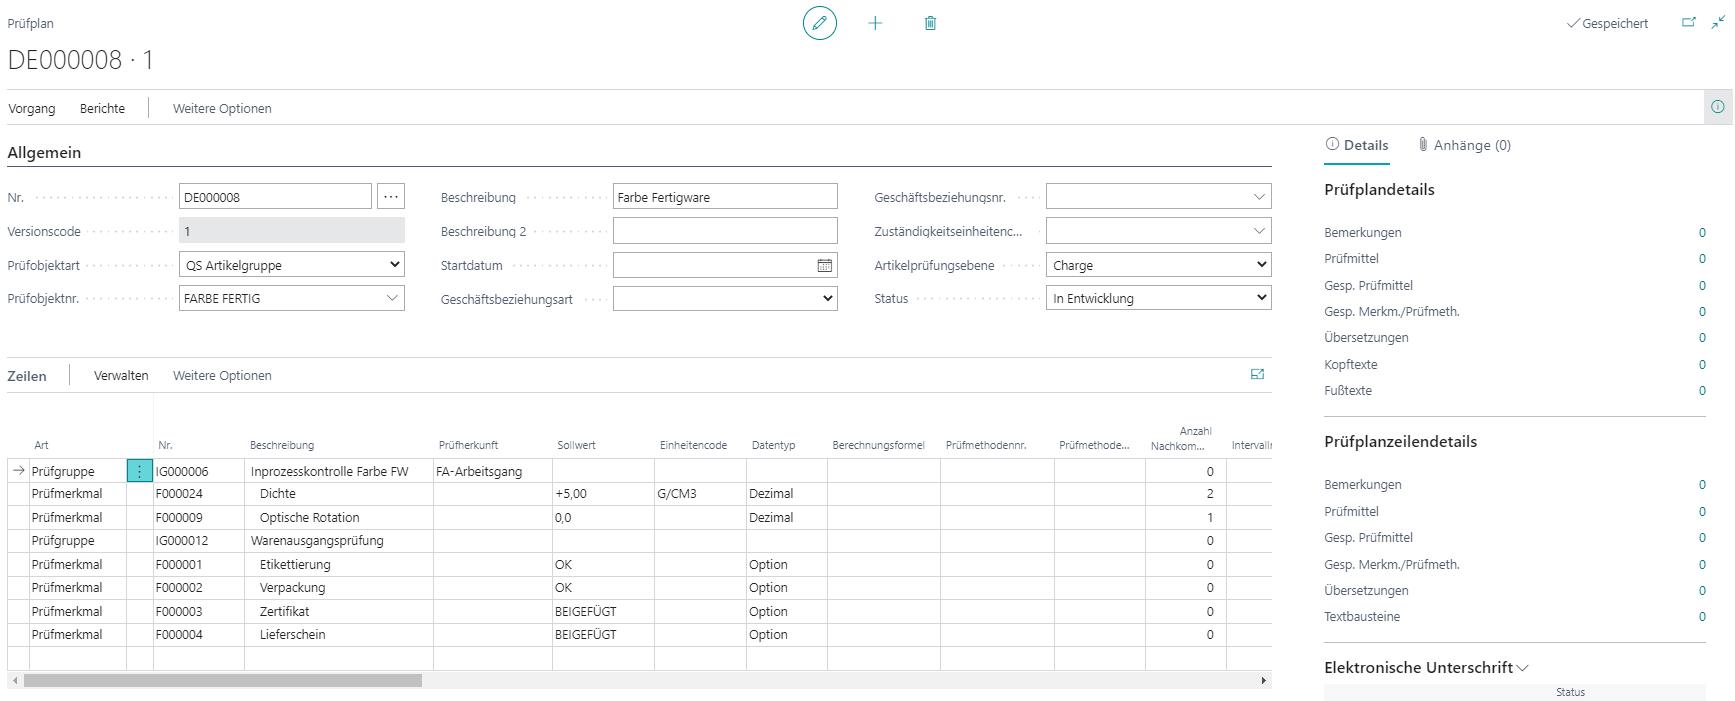 Detailscreenshot Funktion Qualitätskontrolle Chemie